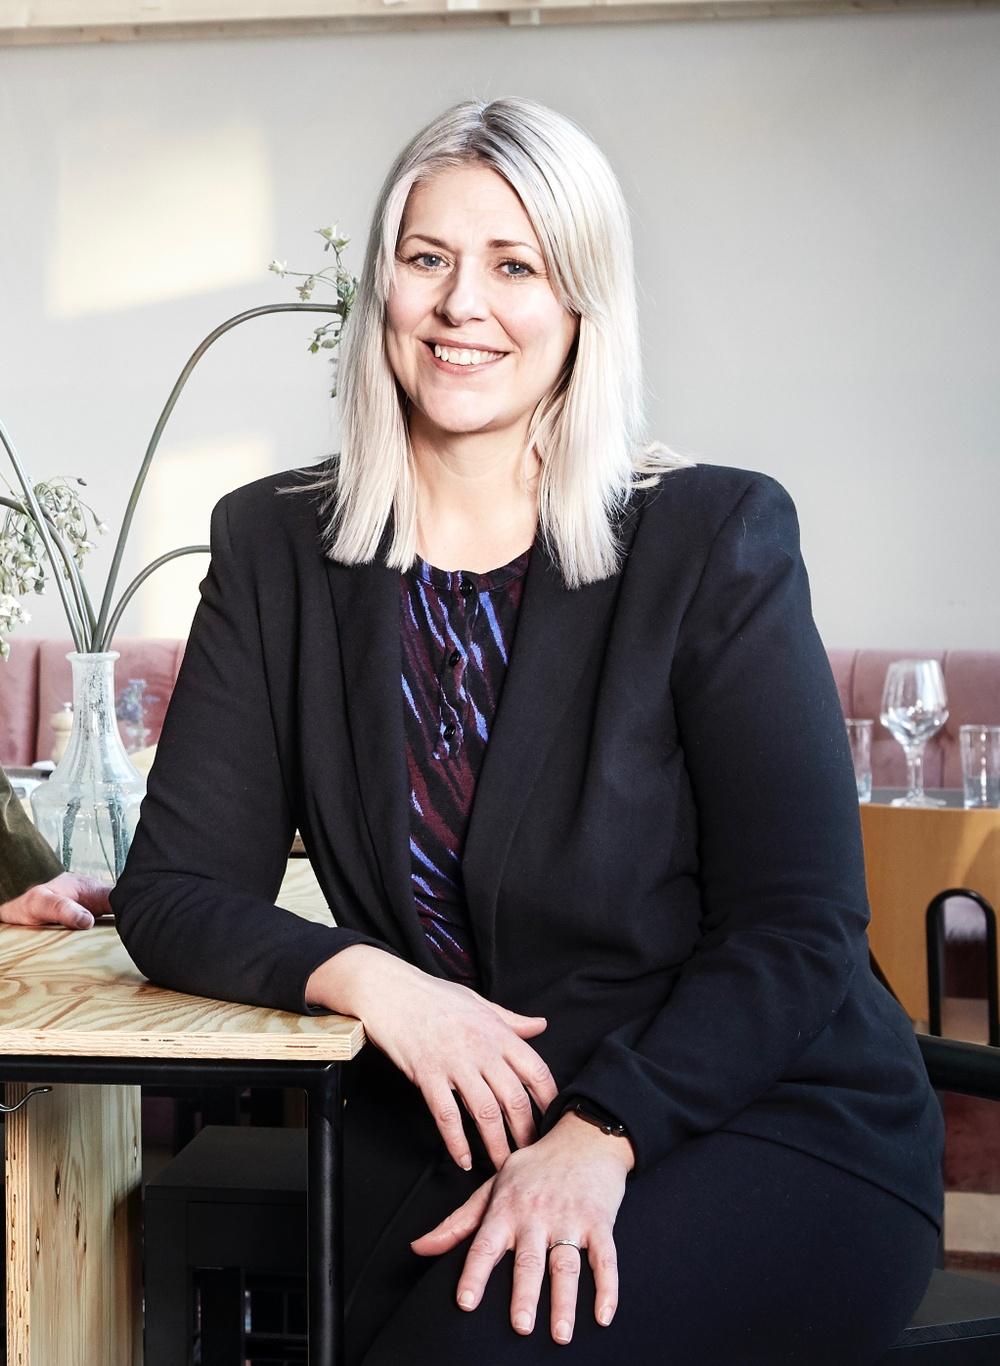 Foto: Erika Lidén Petra Kangas är kommunikations- och försäljningschef på Norrlandsoperan.